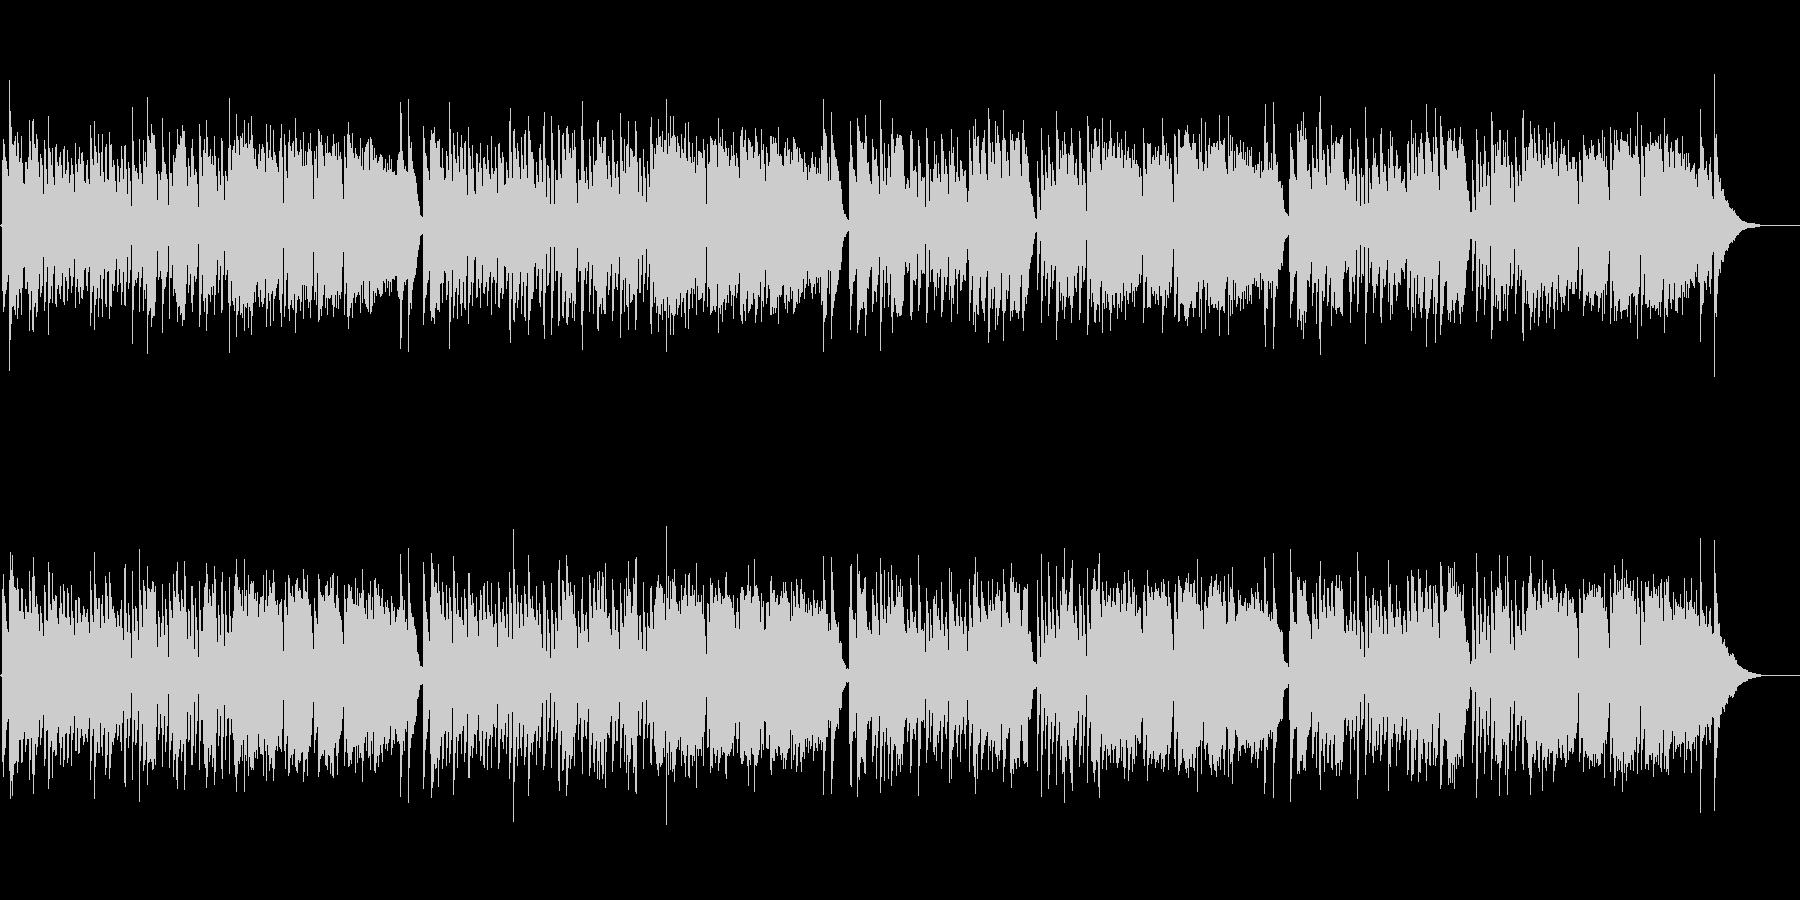 チェンバロソナタ K11 スカルラッティの未再生の波形